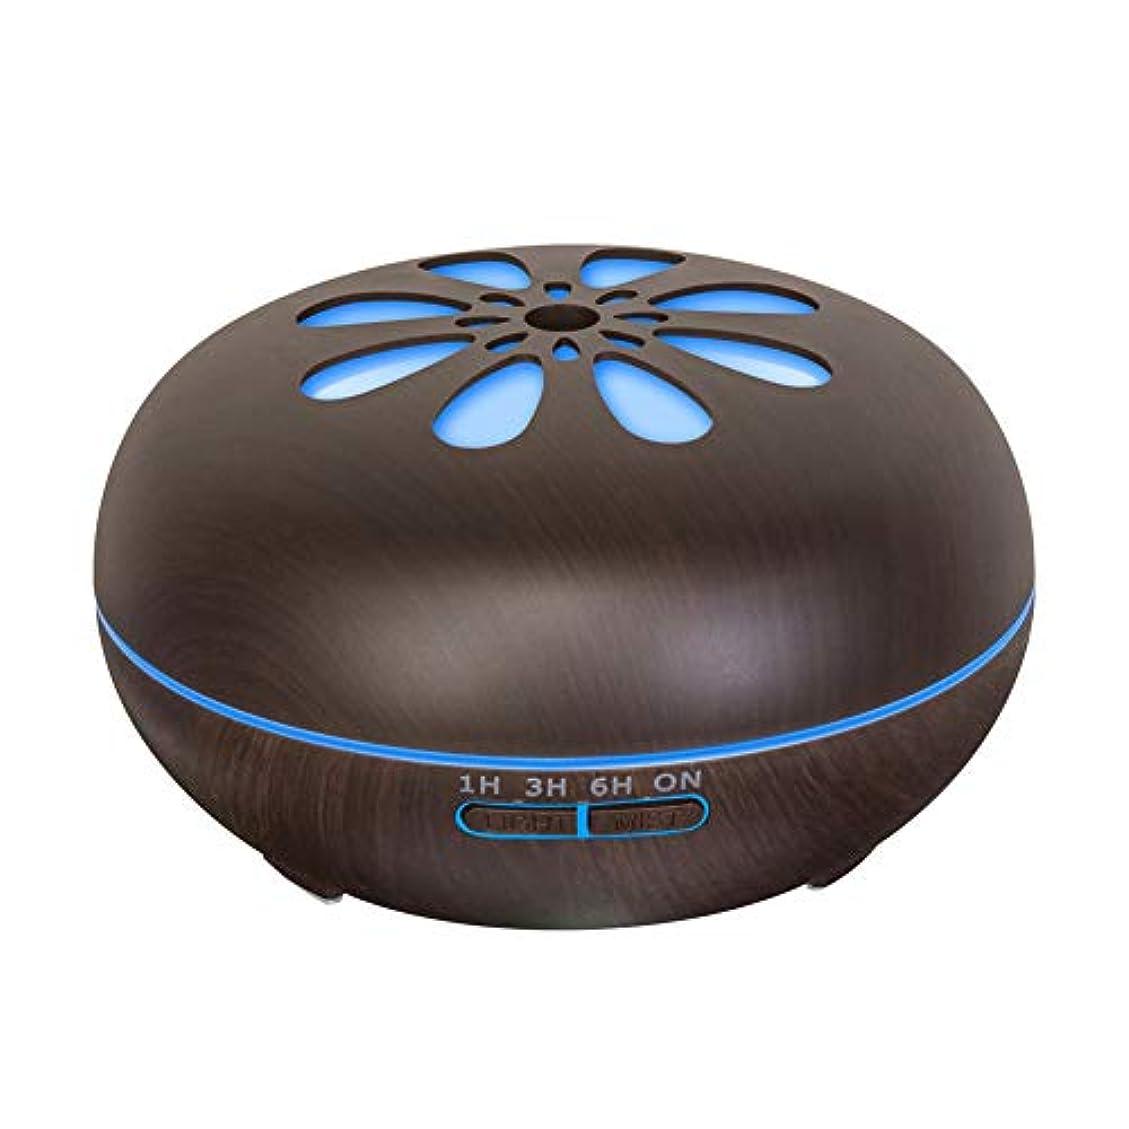 余裕があるマイクロフォンハシー550 Ml 木目 涼しい霧 加湿器,リモコン 7 色 超音波式 加湿機 時間 香り 精油 ディフューザー ホーム オフィス リビング ルーム Yoga-h